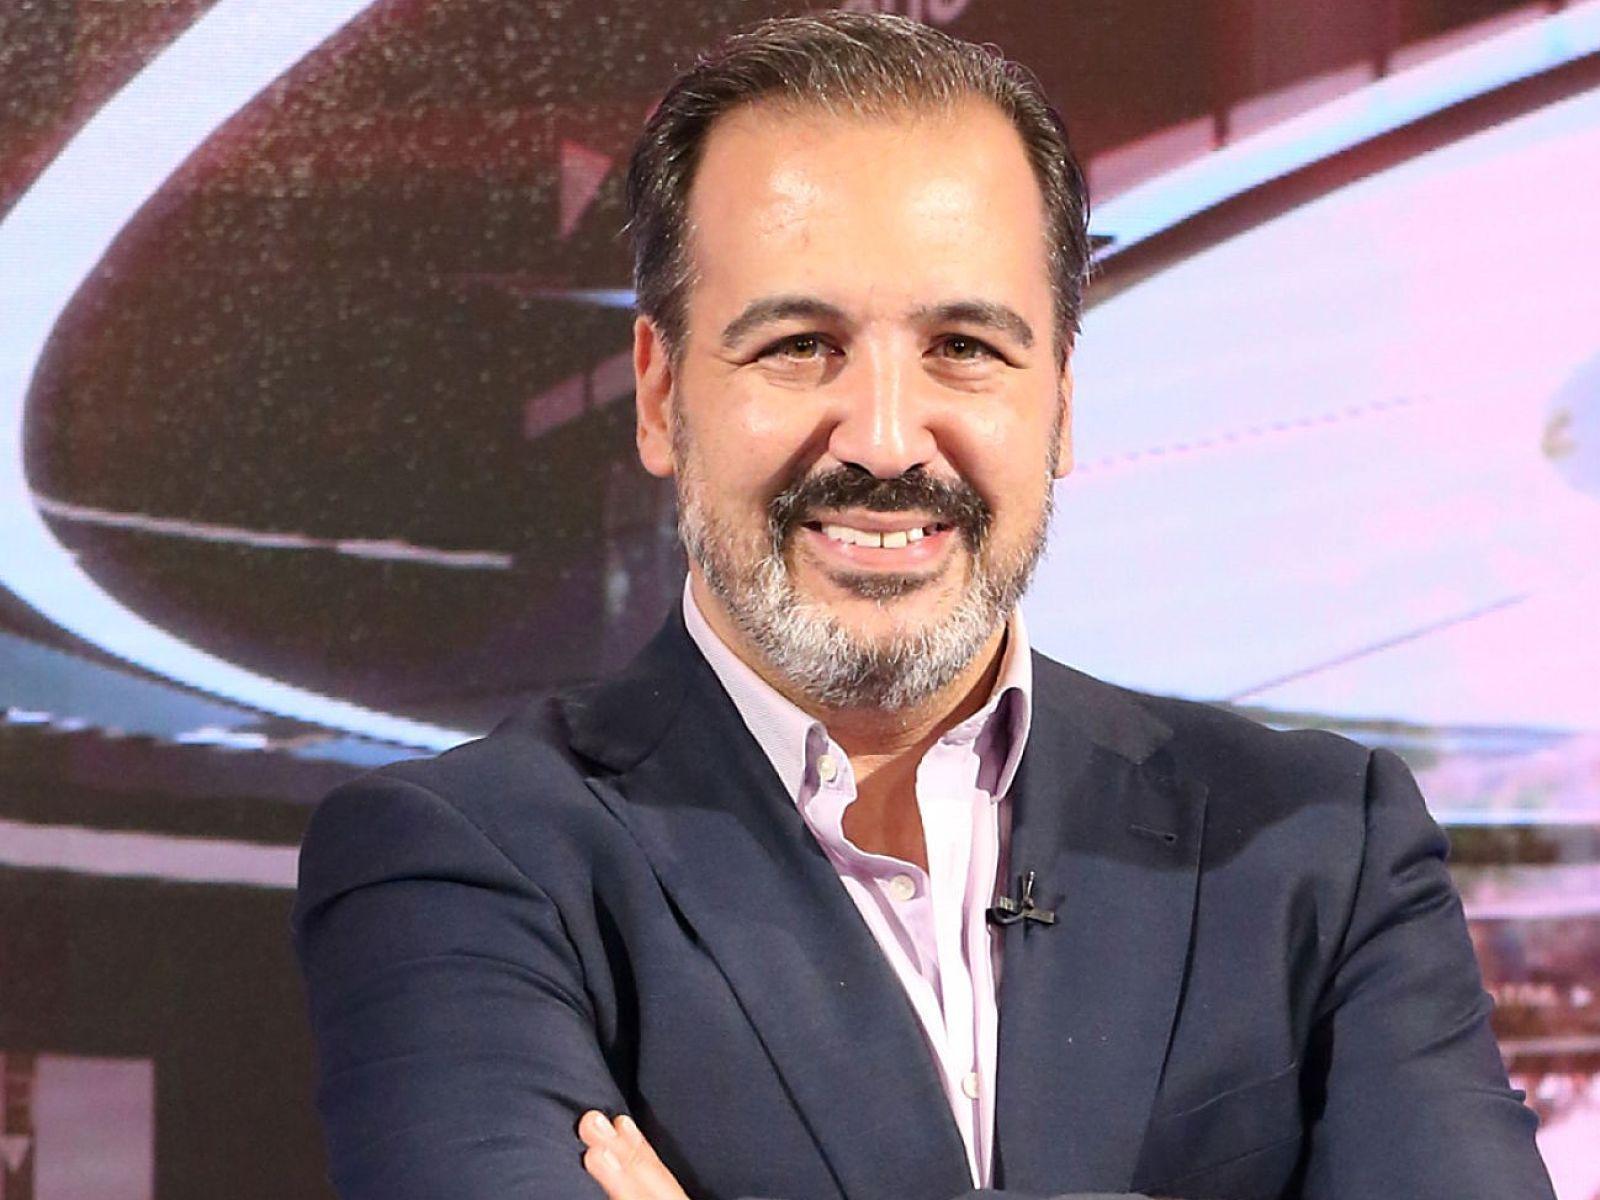 Programas de radio para empresas humanos en la oficina dirigido por Miguel Angel Perez Laguna